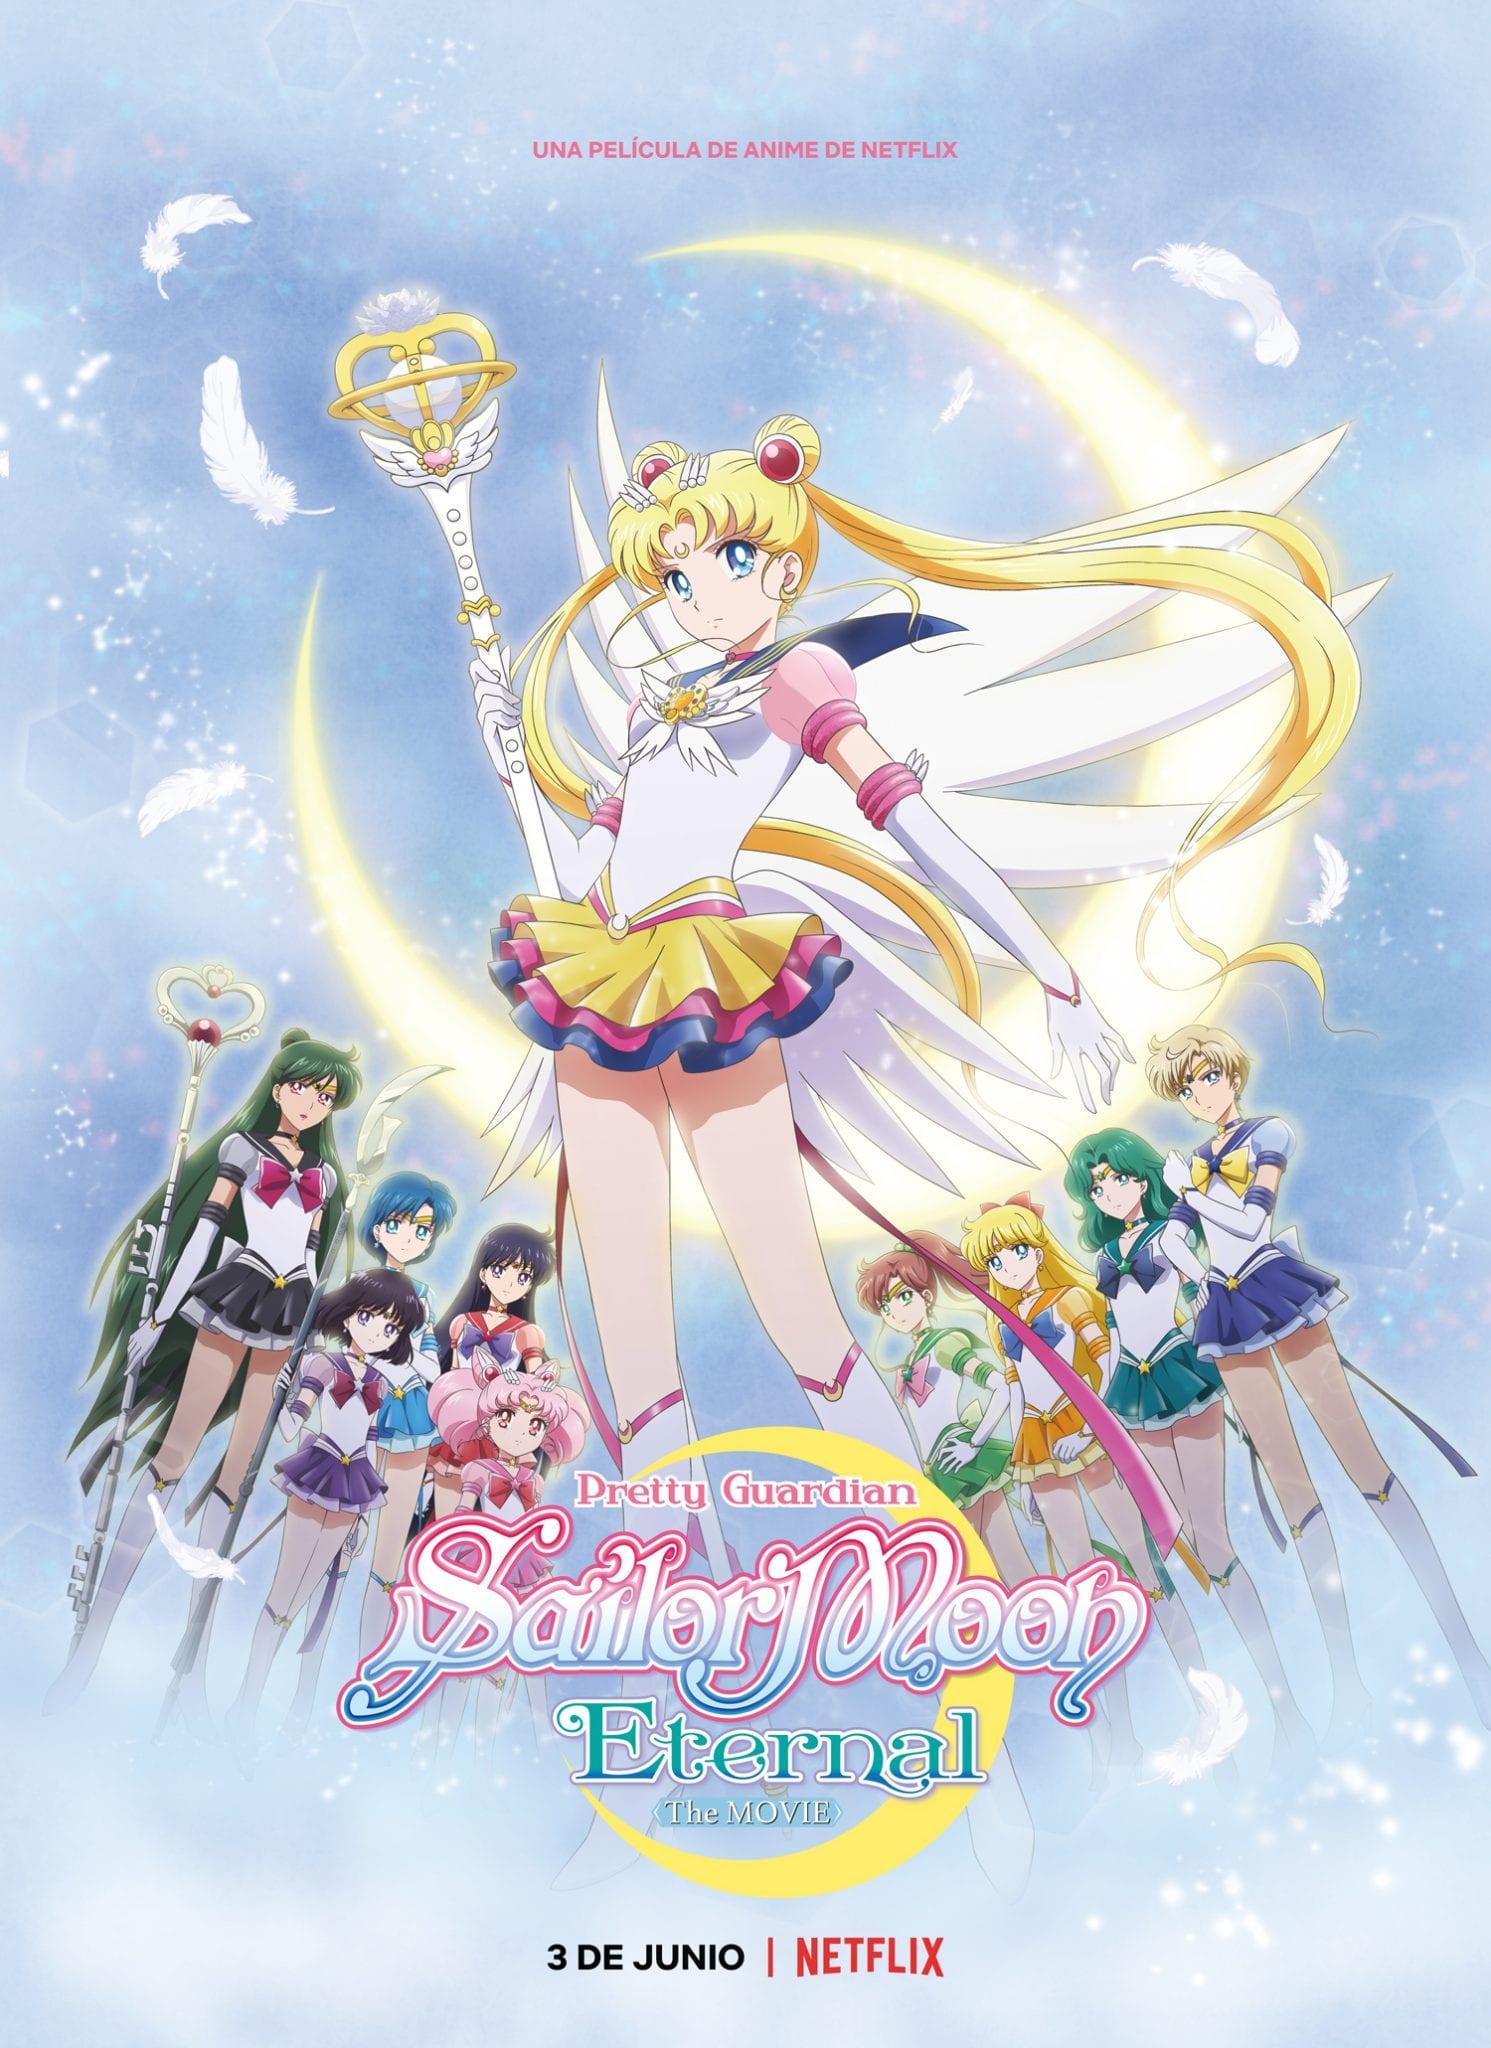 Pretty Guardian Sailor Moon Eternal: La película: Sinopsis, tráiler y galería de personajes